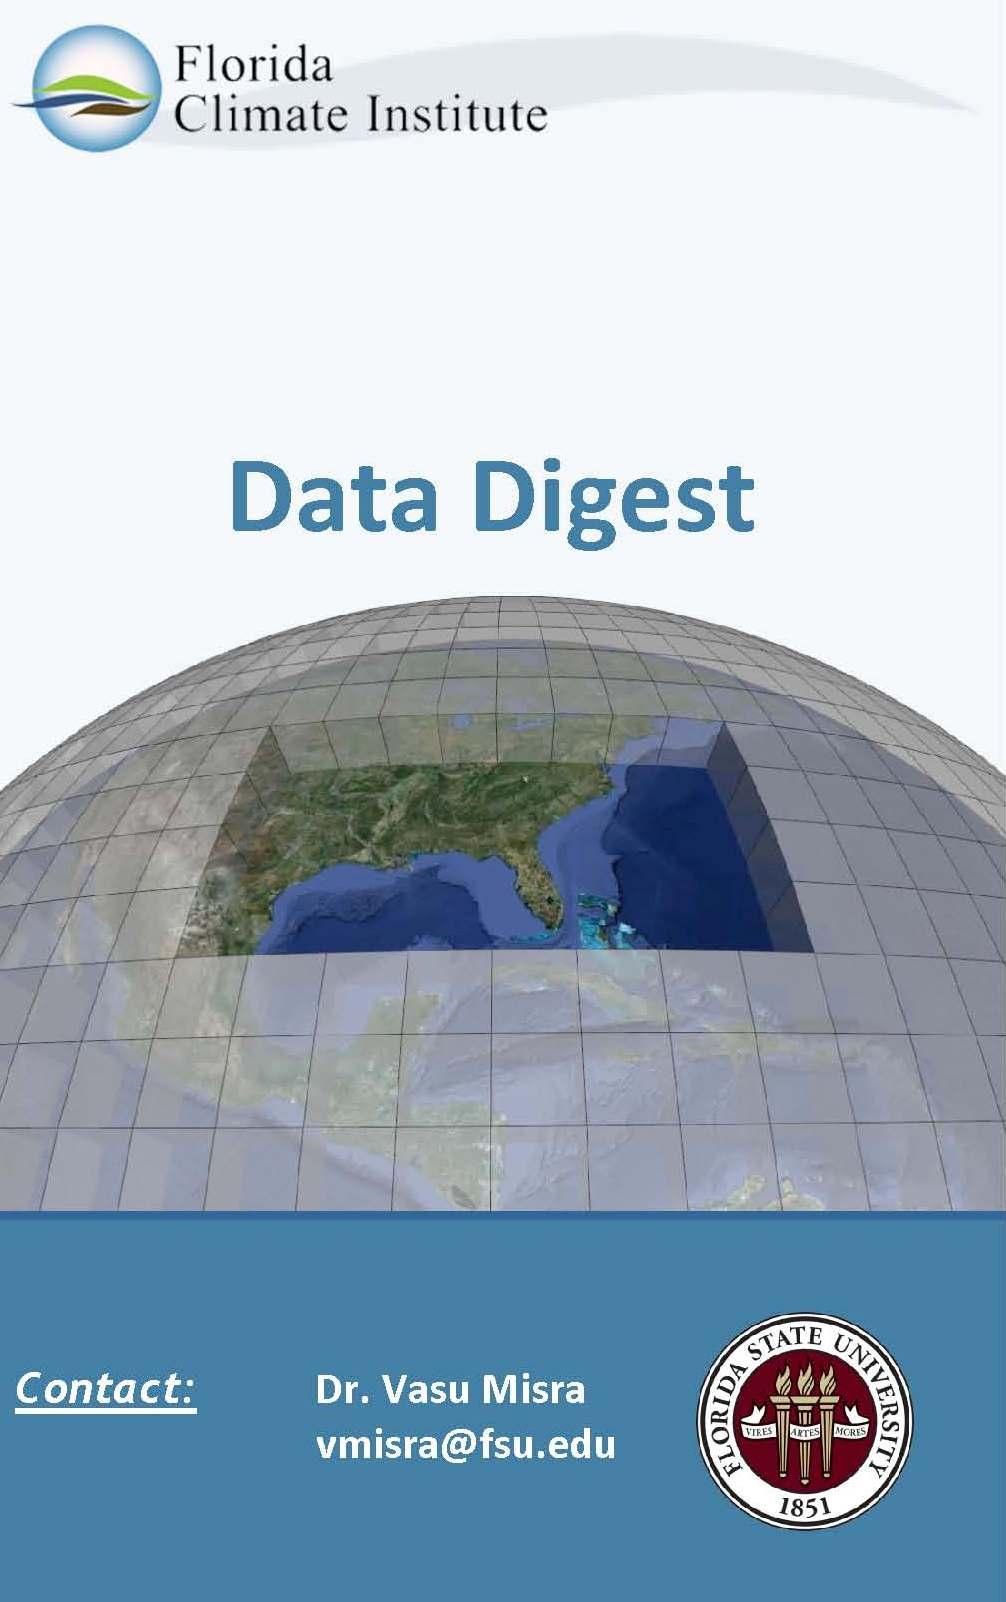 Data digest